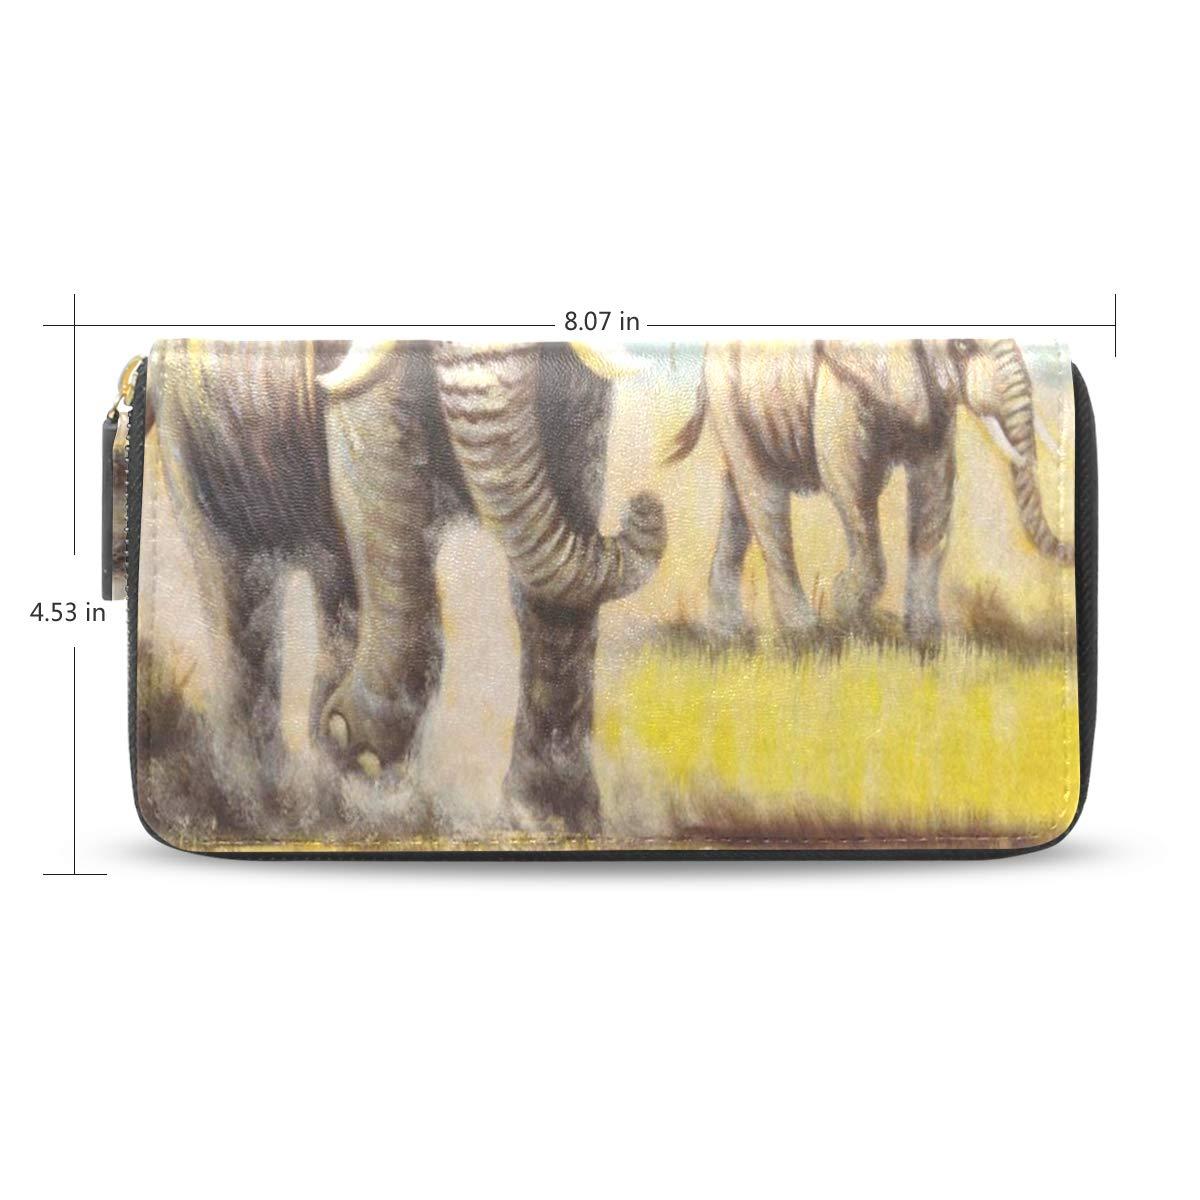 Womens Wallets Autumn Grass Elephant Art Leather Passport Wallet Coin Purse Girls Handbags